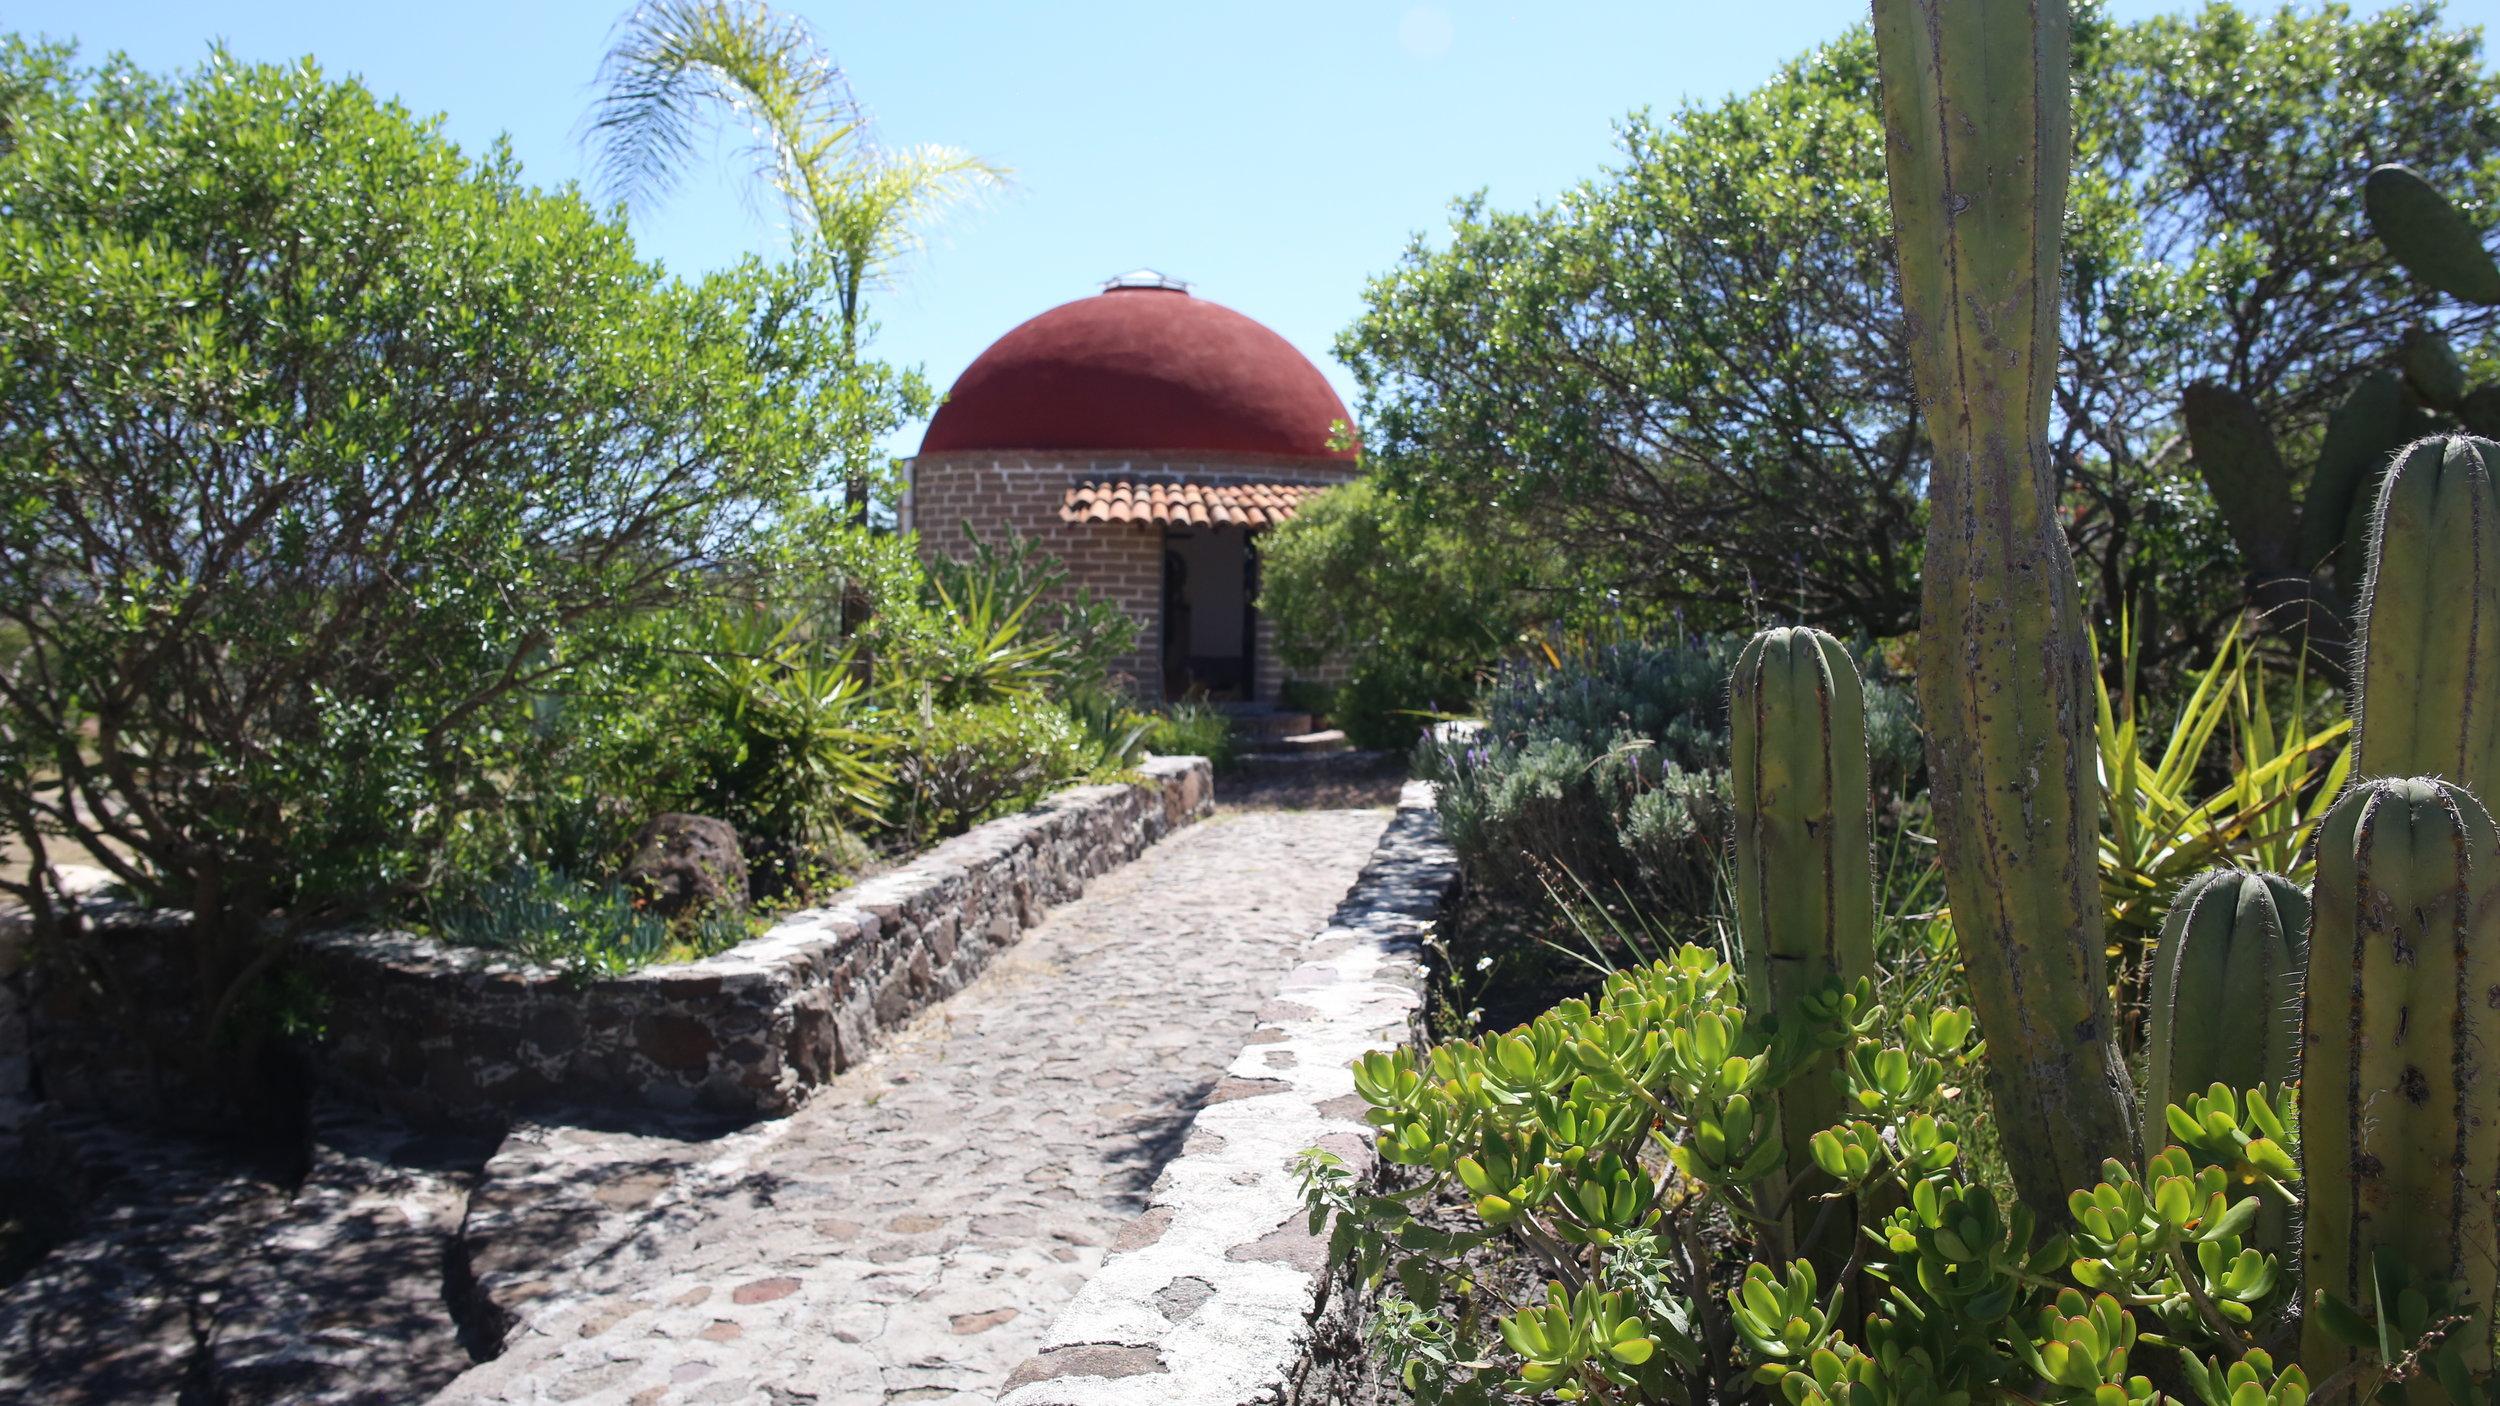 The Ranchito de Arleta